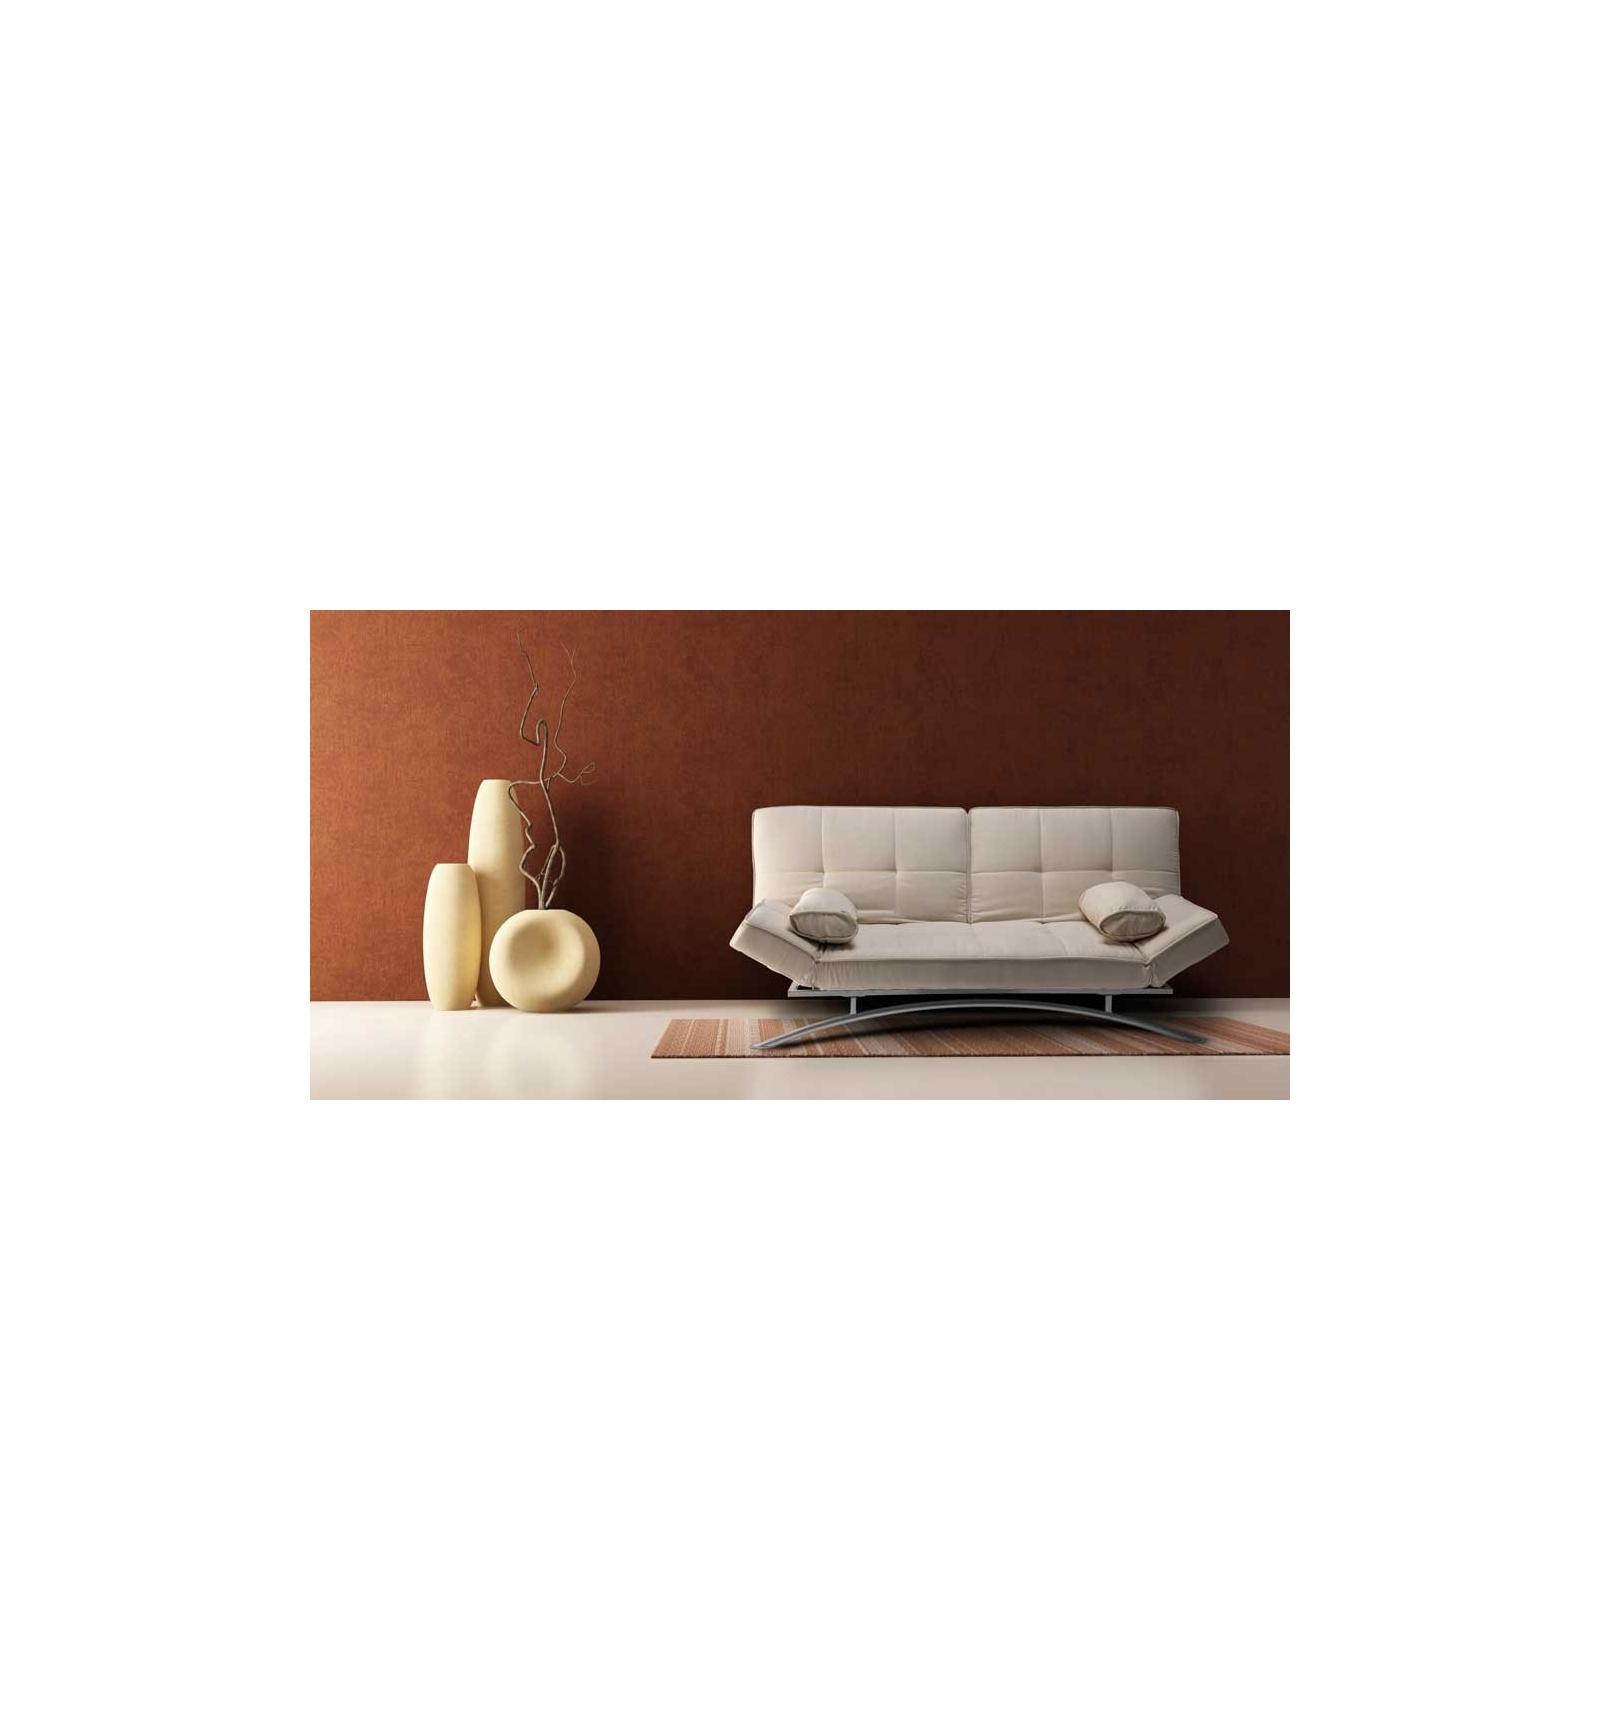 banquette de lit free castou am with banquette de lit. Black Bedroom Furniture Sets. Home Design Ideas